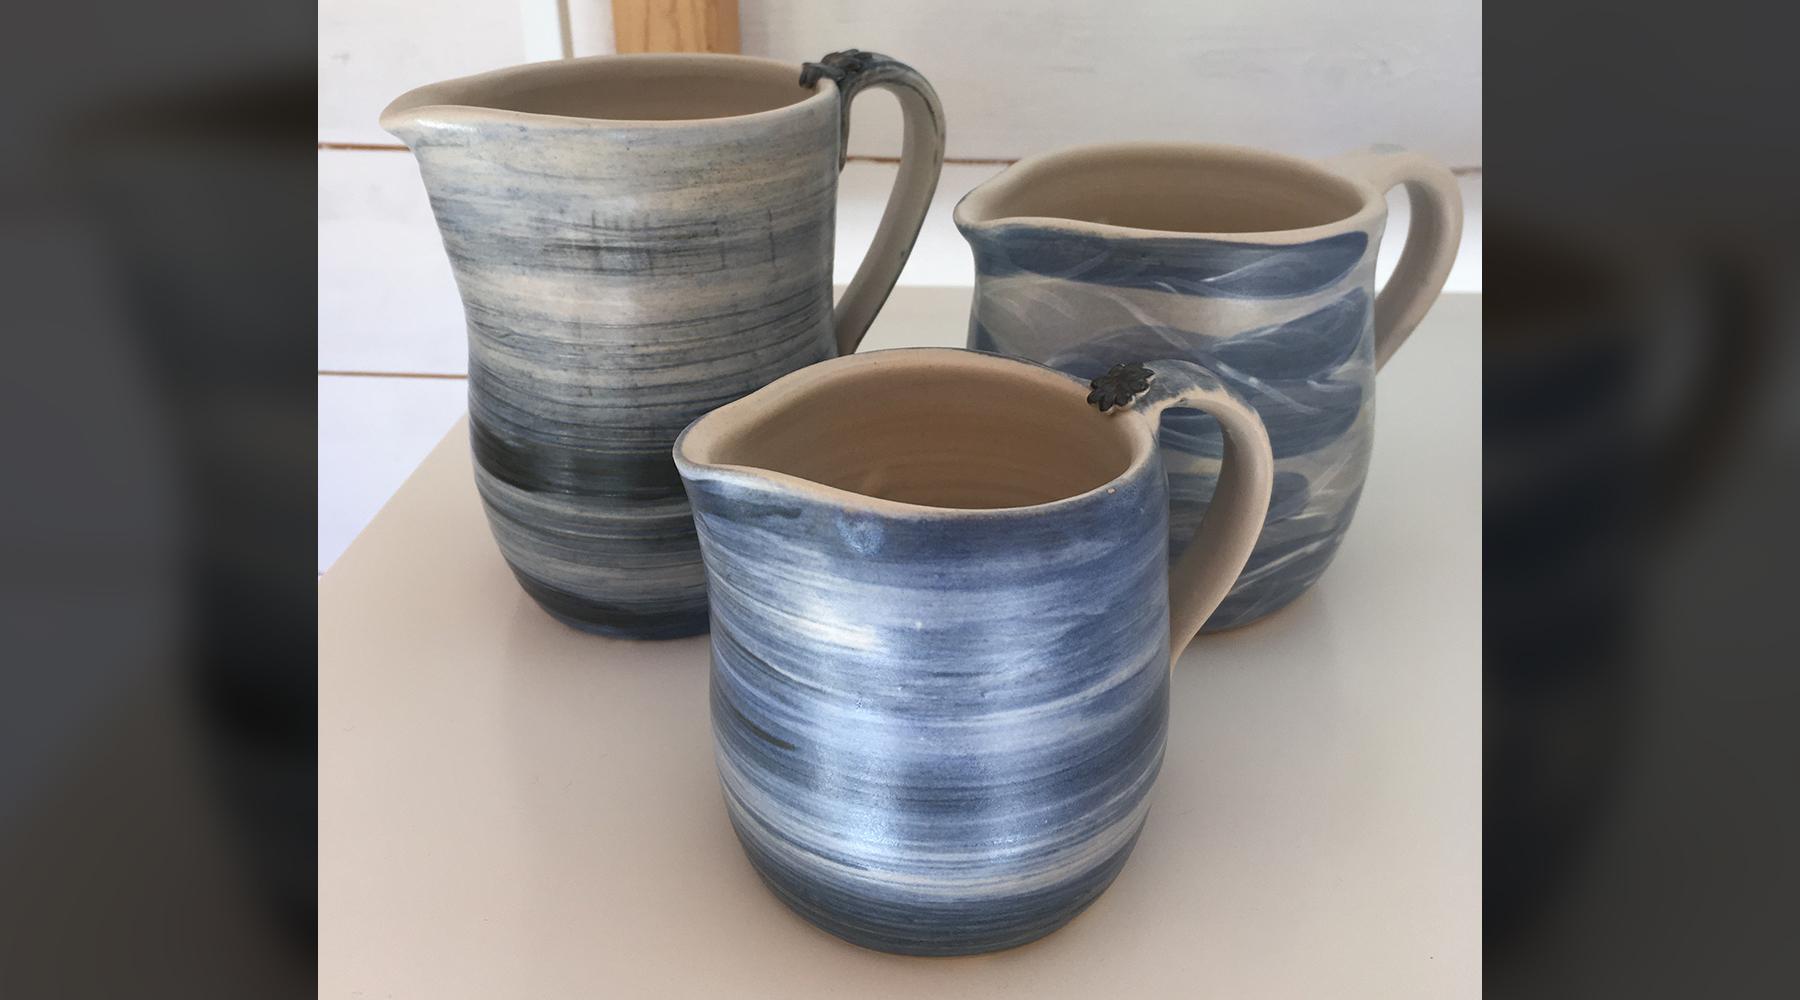 Handmade jugs